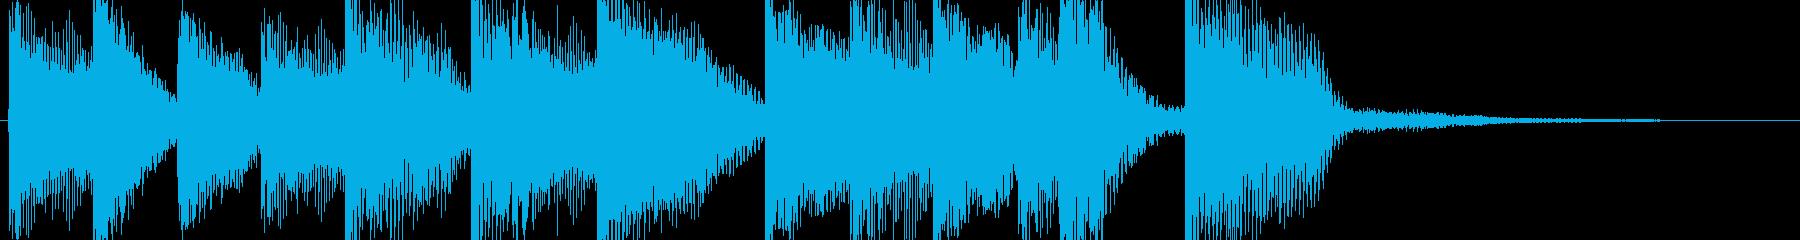 ピアノで短く美しい旋律の再生済みの波形